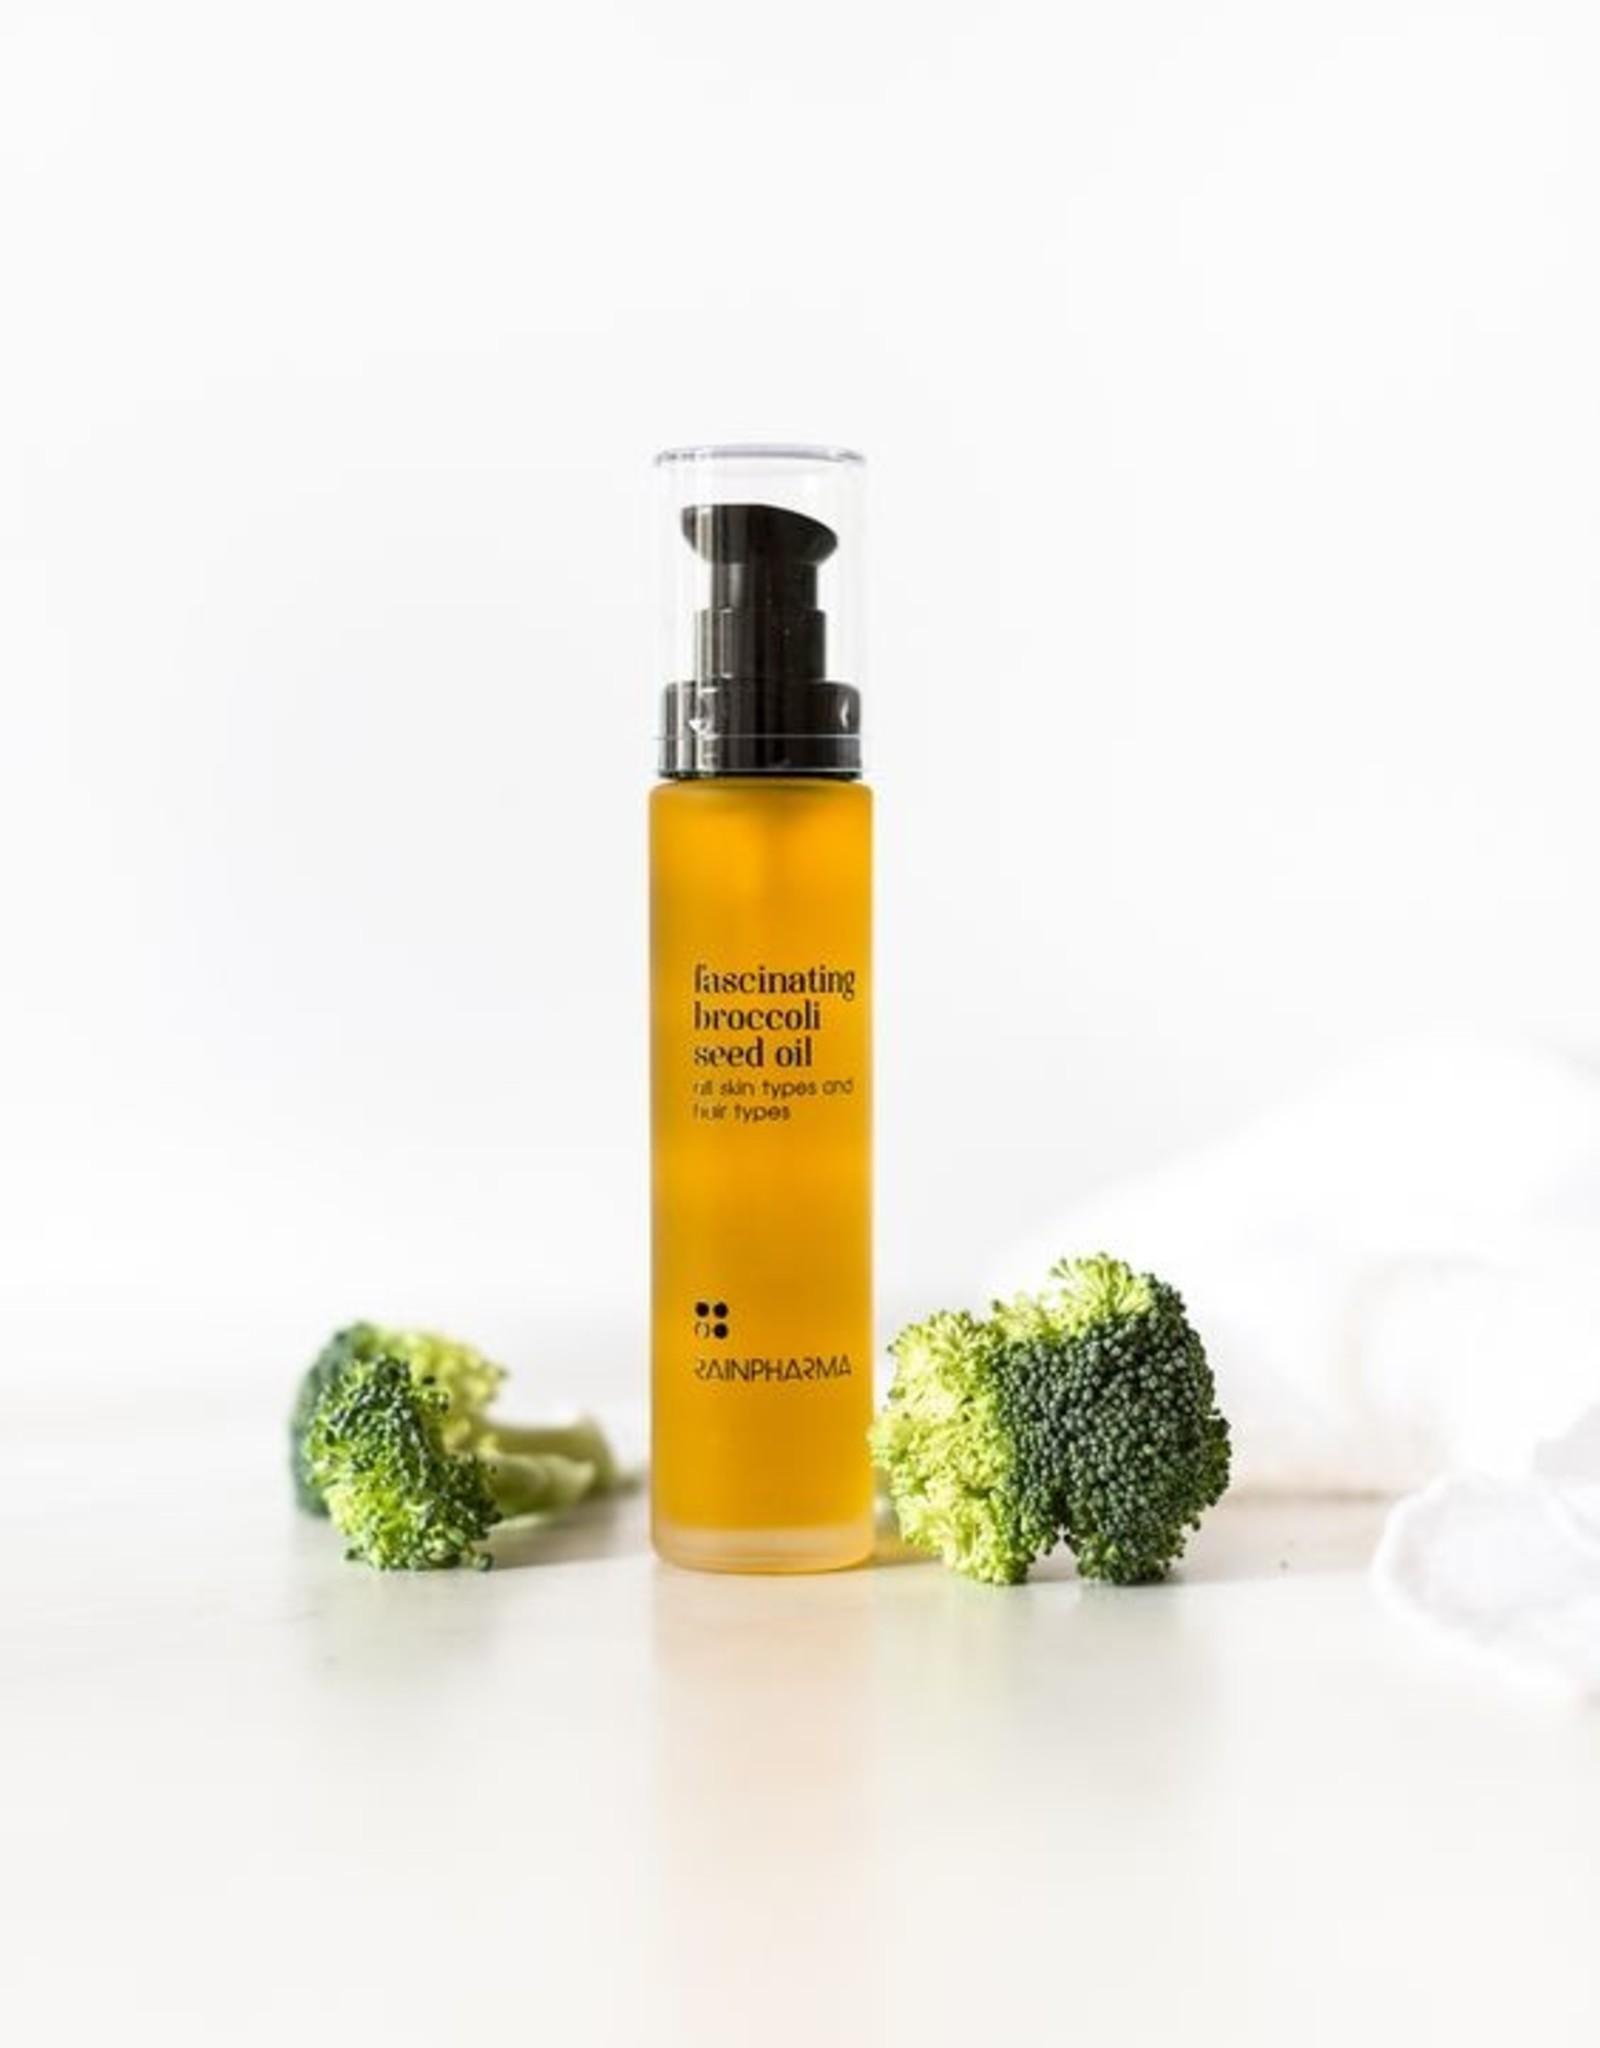 RainPharma Rainpharma - Fascinating Broccoli seed oil 50ml